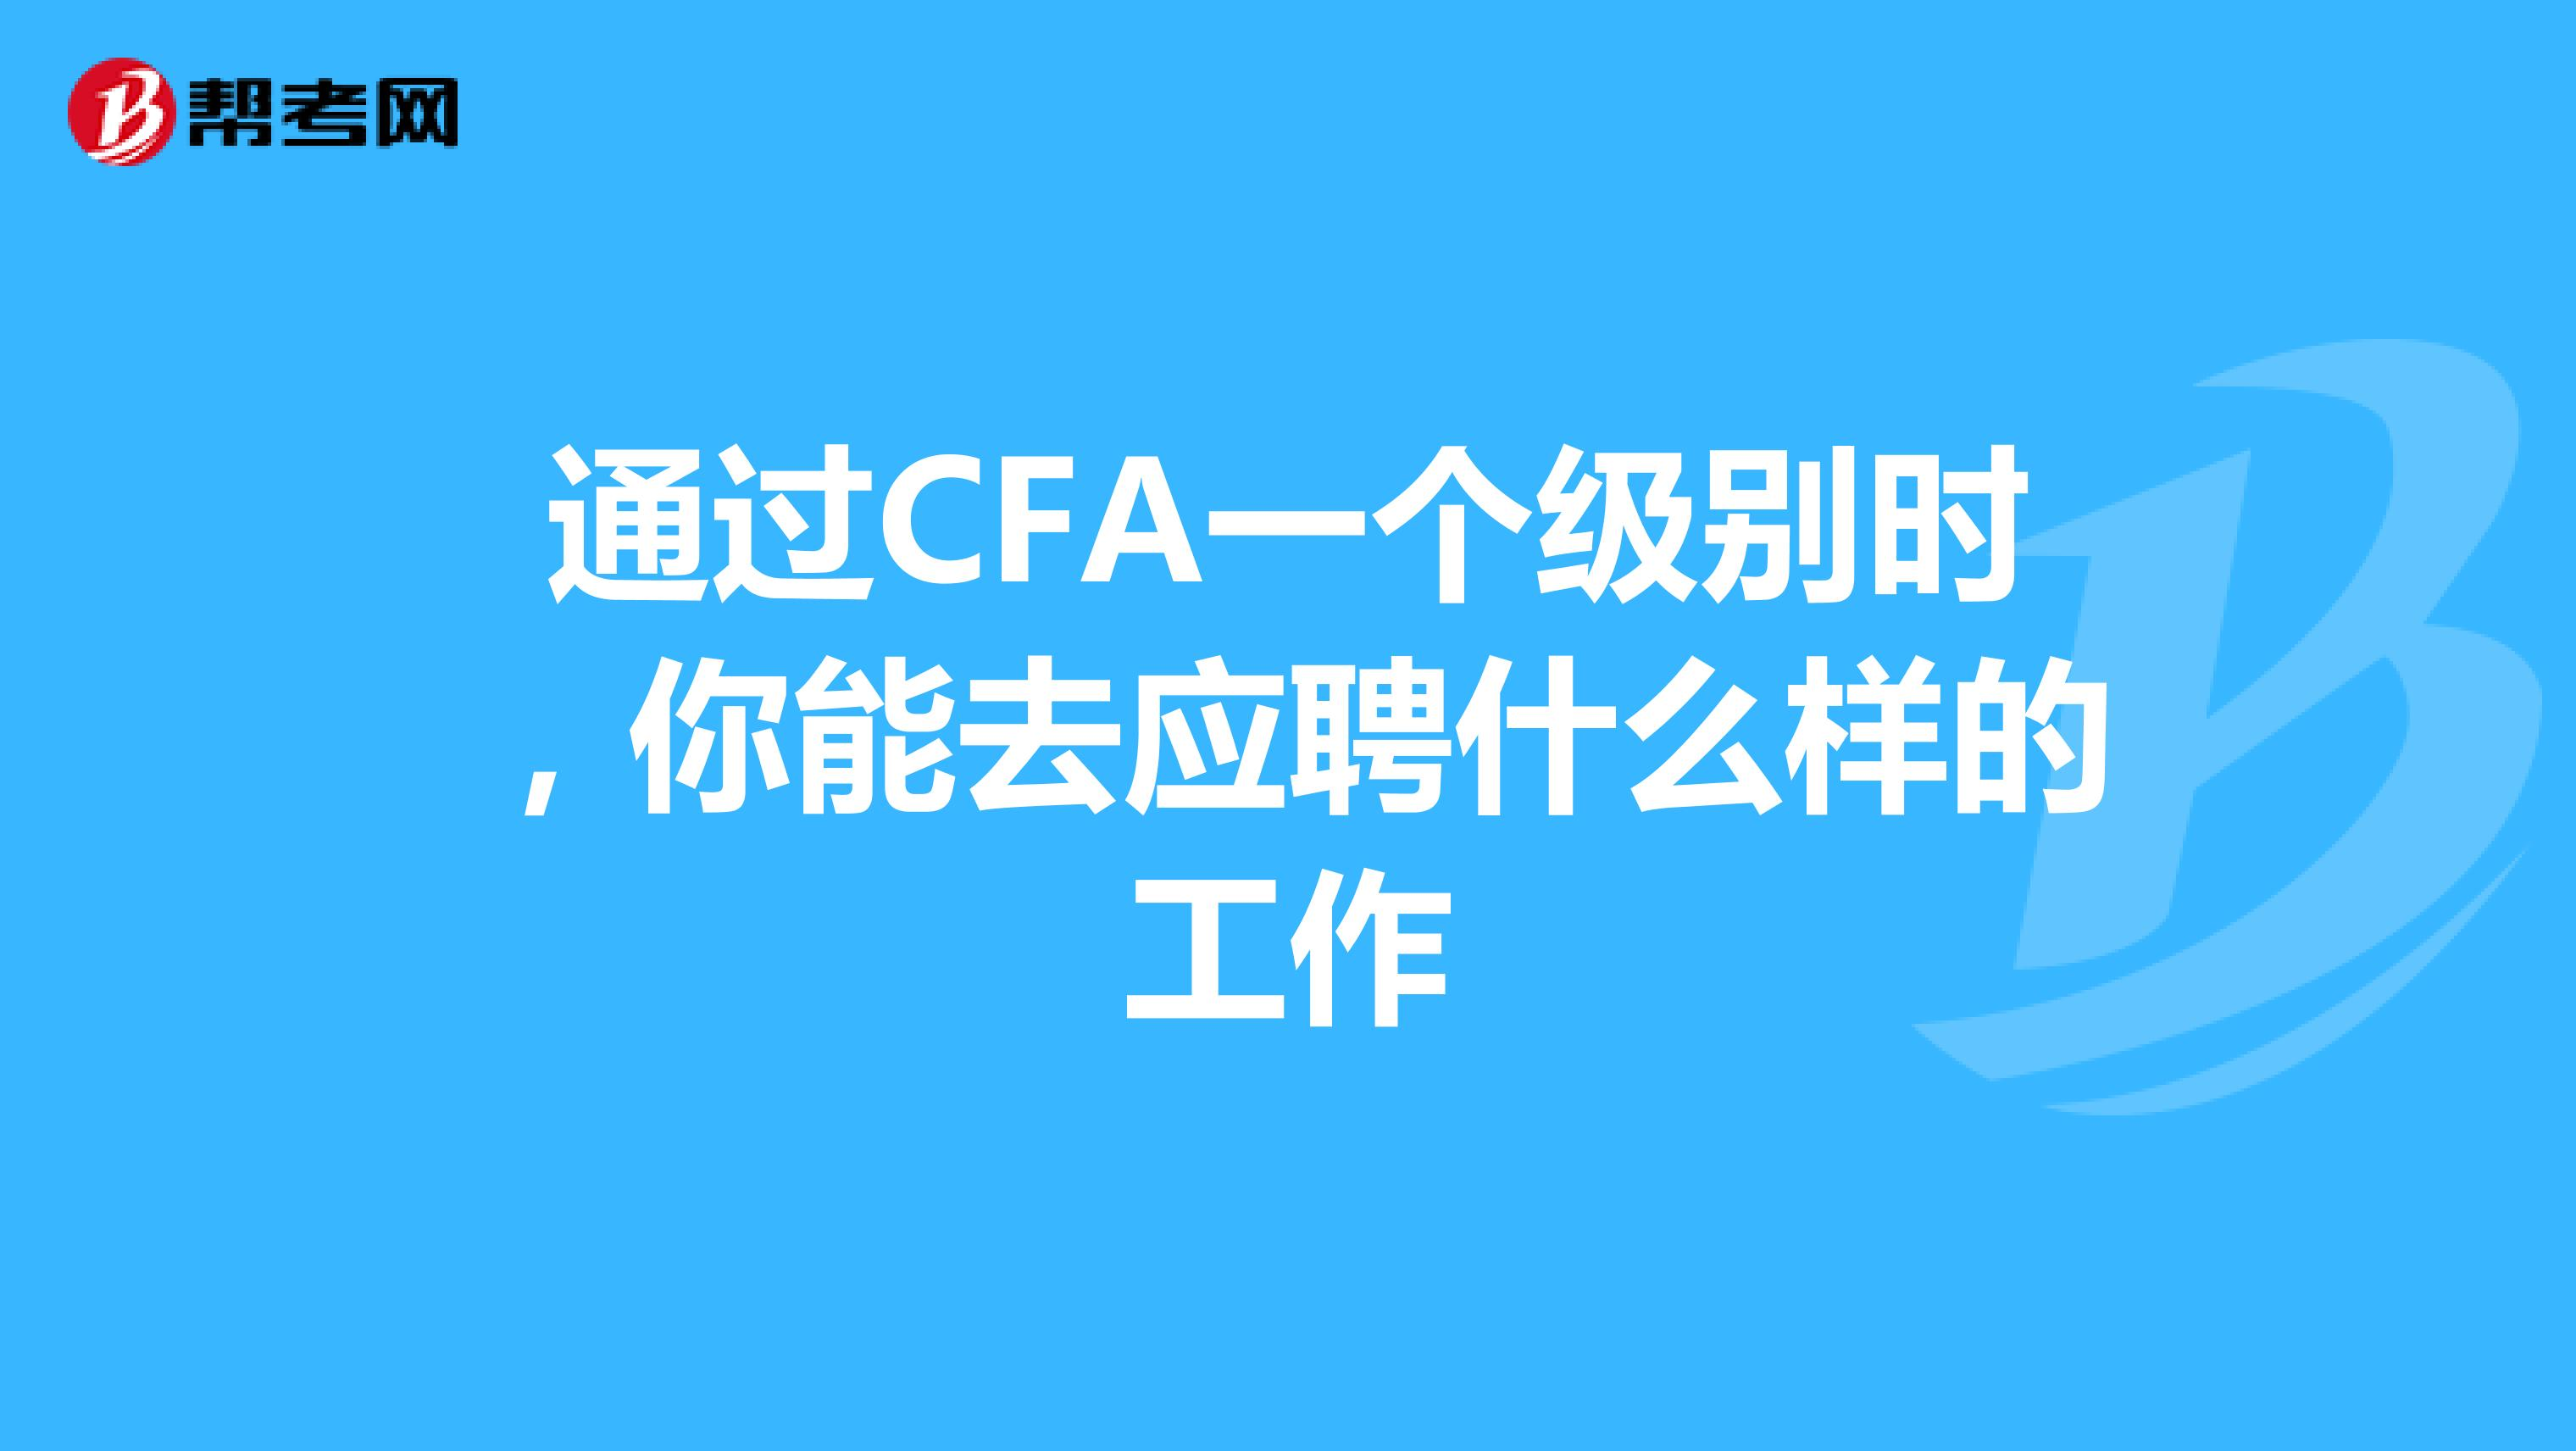 通过CFA一个级别时,你能去应聘什么样的工作